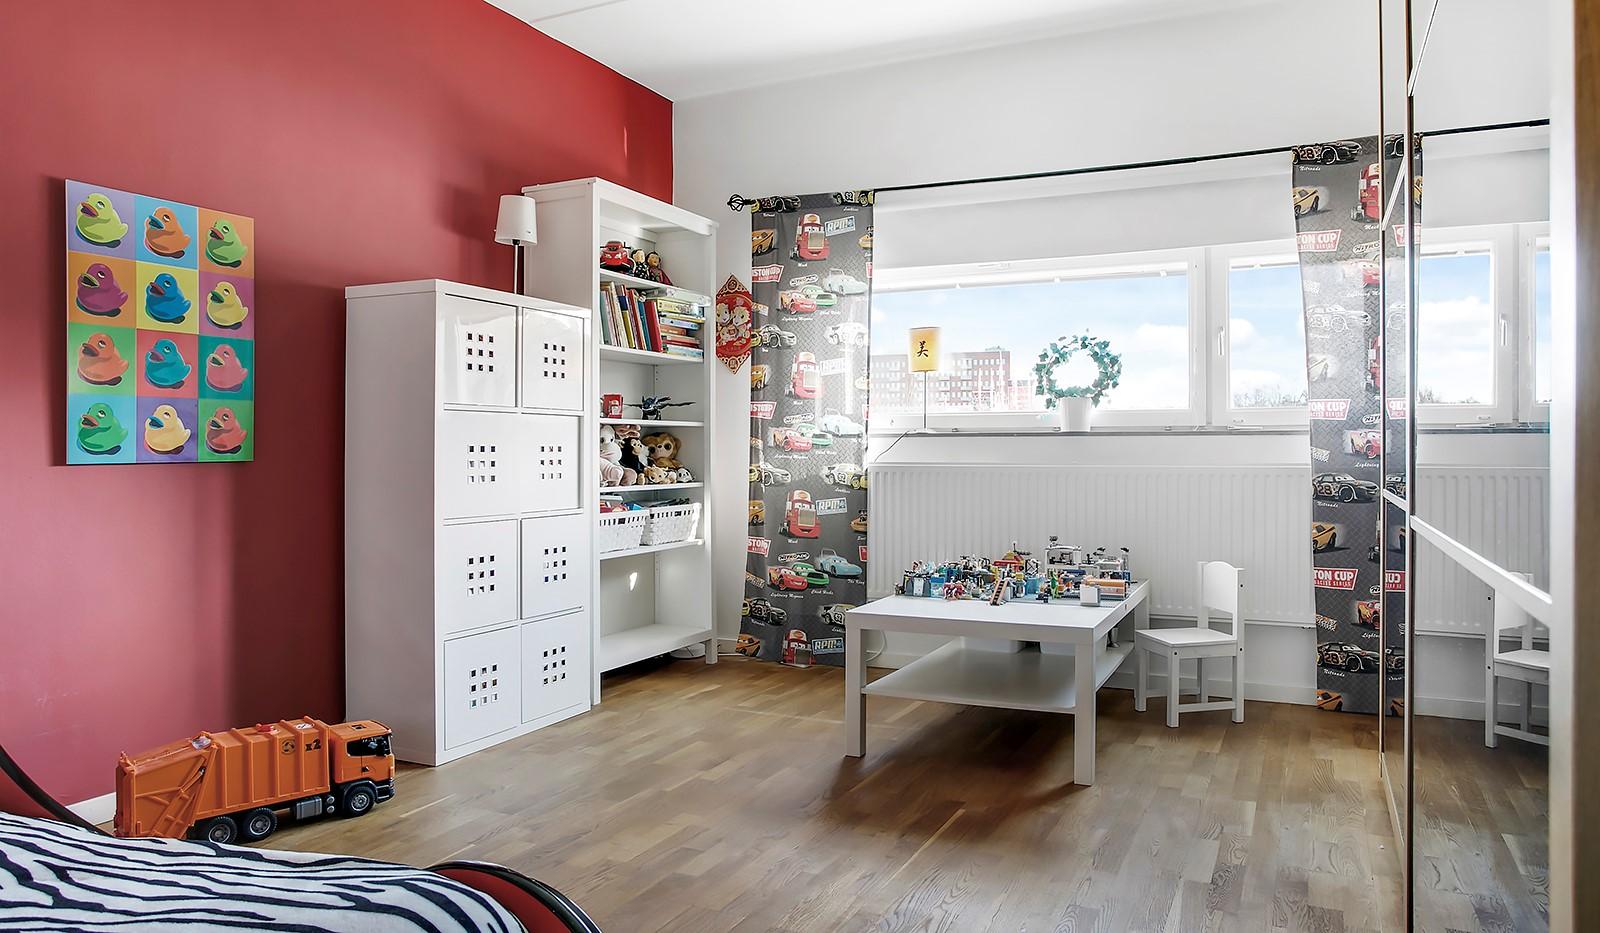 Sickla Kanalgata 64, vån 4 & 5 - Bostadens andra sovrum är väl tilltaget och även det beläget på entréplan